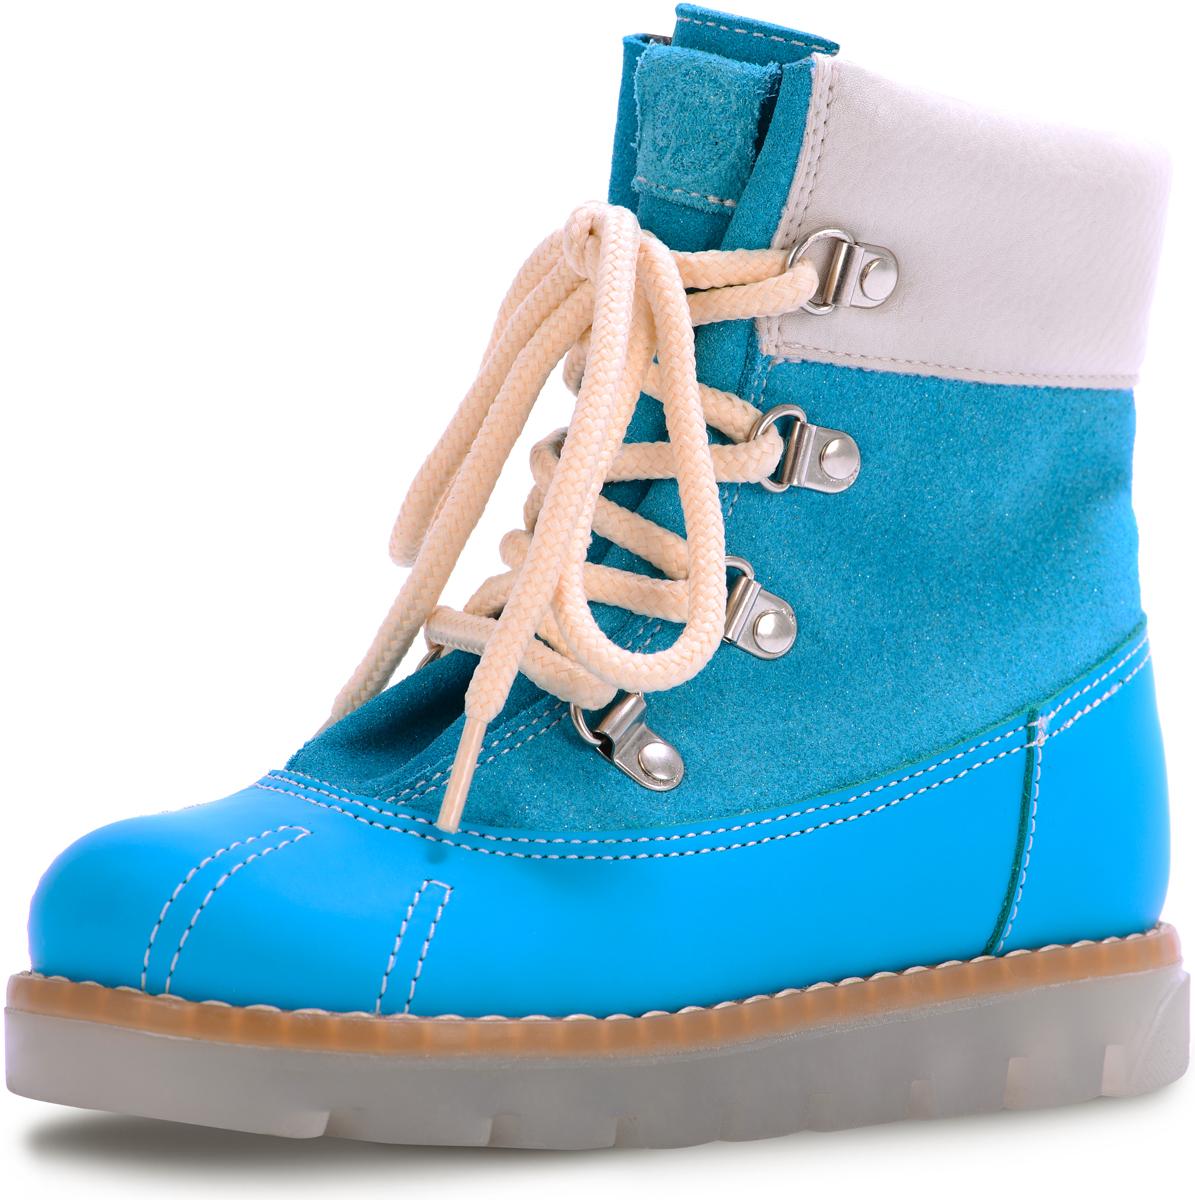 Ботинки для девочек TapiBoo Сидней, цвет: бирюзовый. 23007. Размер 2623007Ботинки утепленные от TapiBoo. Подкладка из шерстяной байки LANATEX поддерживает комфортную температуру внутри обуви при погодных условиях от +5 до -5 градусов. Многослойная, анатомическая стелька гарантирует правильное формирование стопы. Полнота ботинок регулируется при помощи шнурков. Толстая подошва и специальная гидрофобная кожа нижней части ботинок, защищает ножки ребенка от влаги.